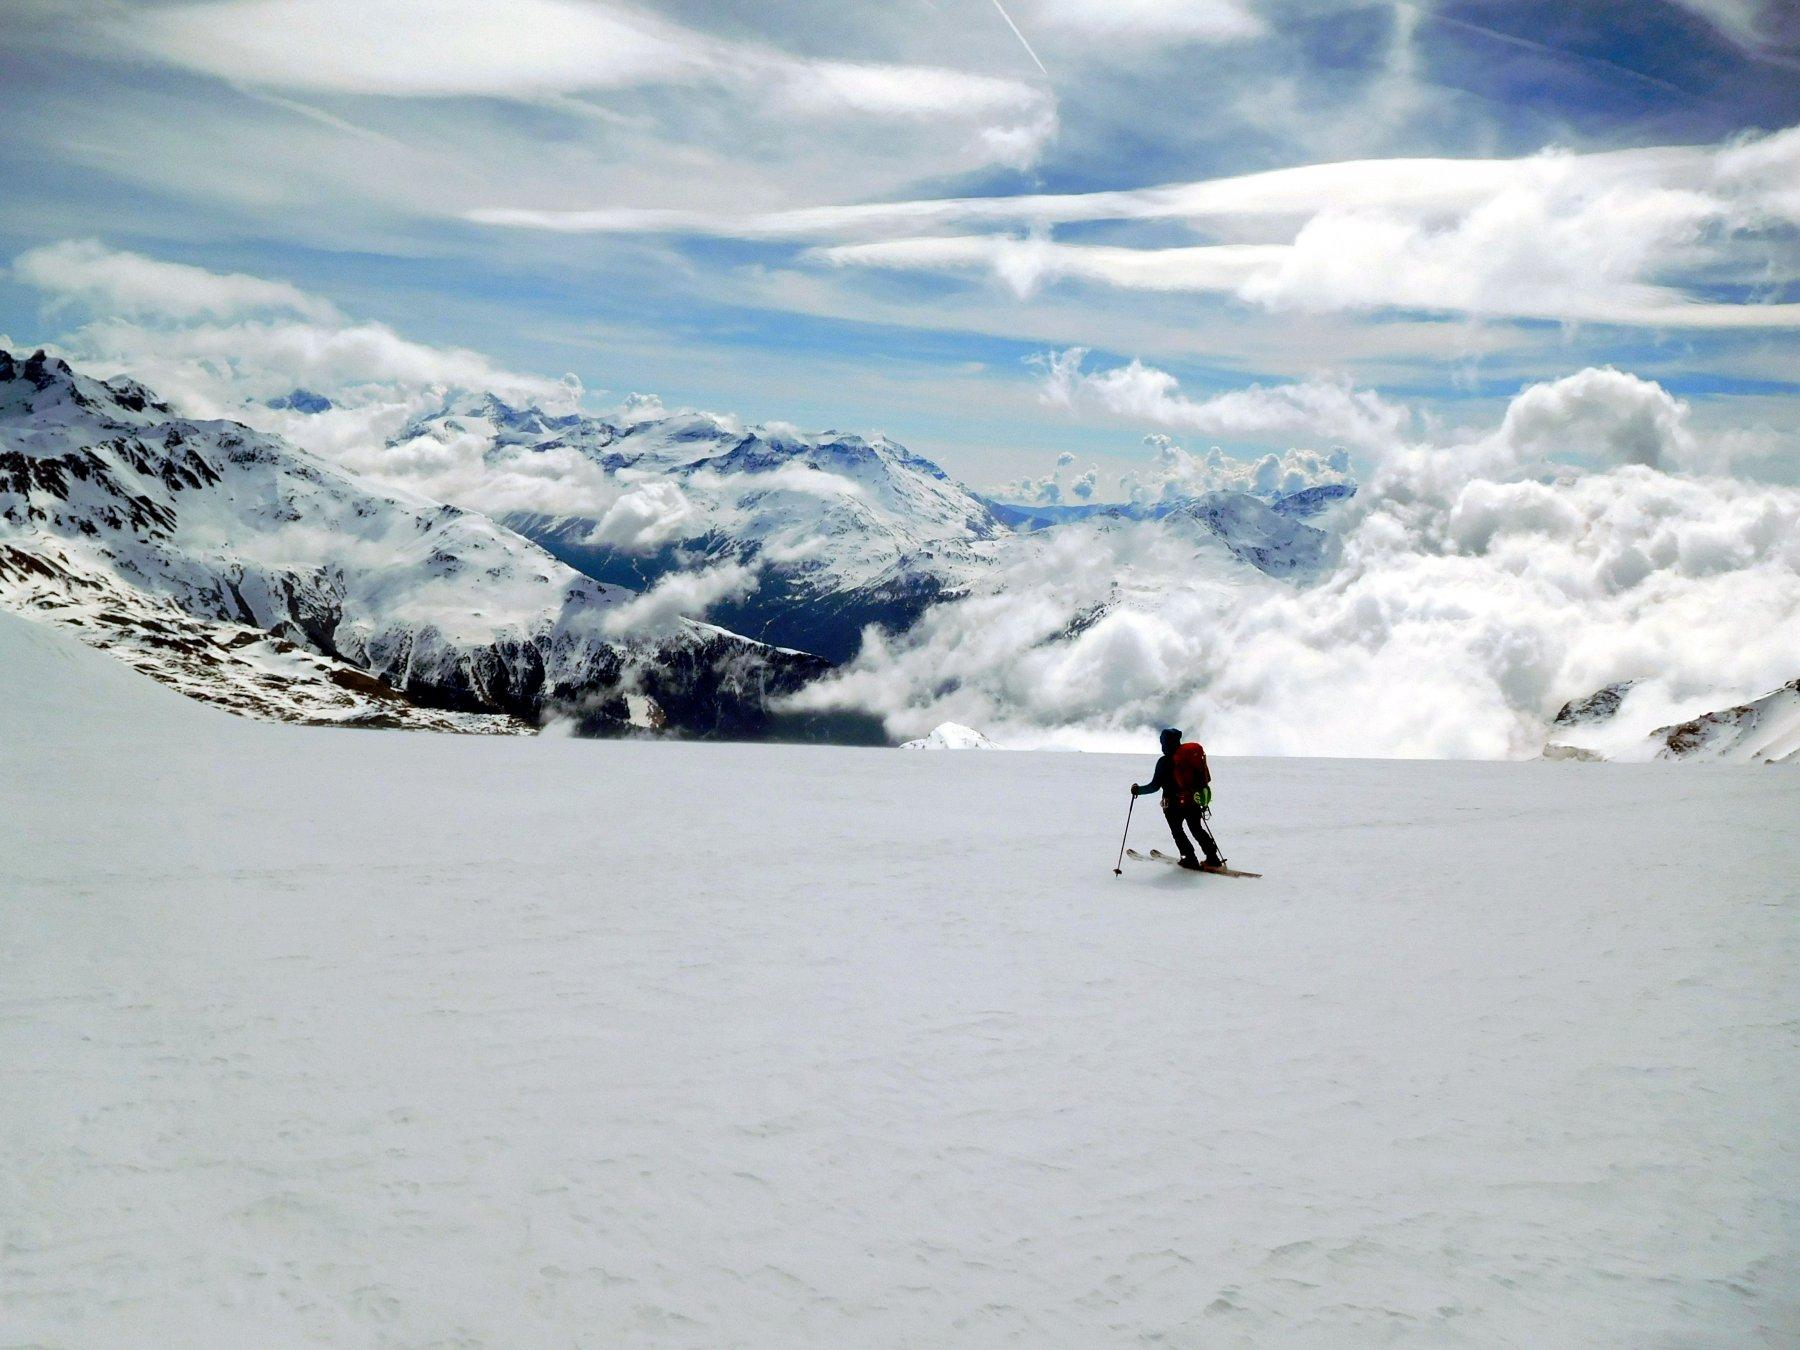 d2 discesa sul ghiacciaio di Chasseforet in neve dura